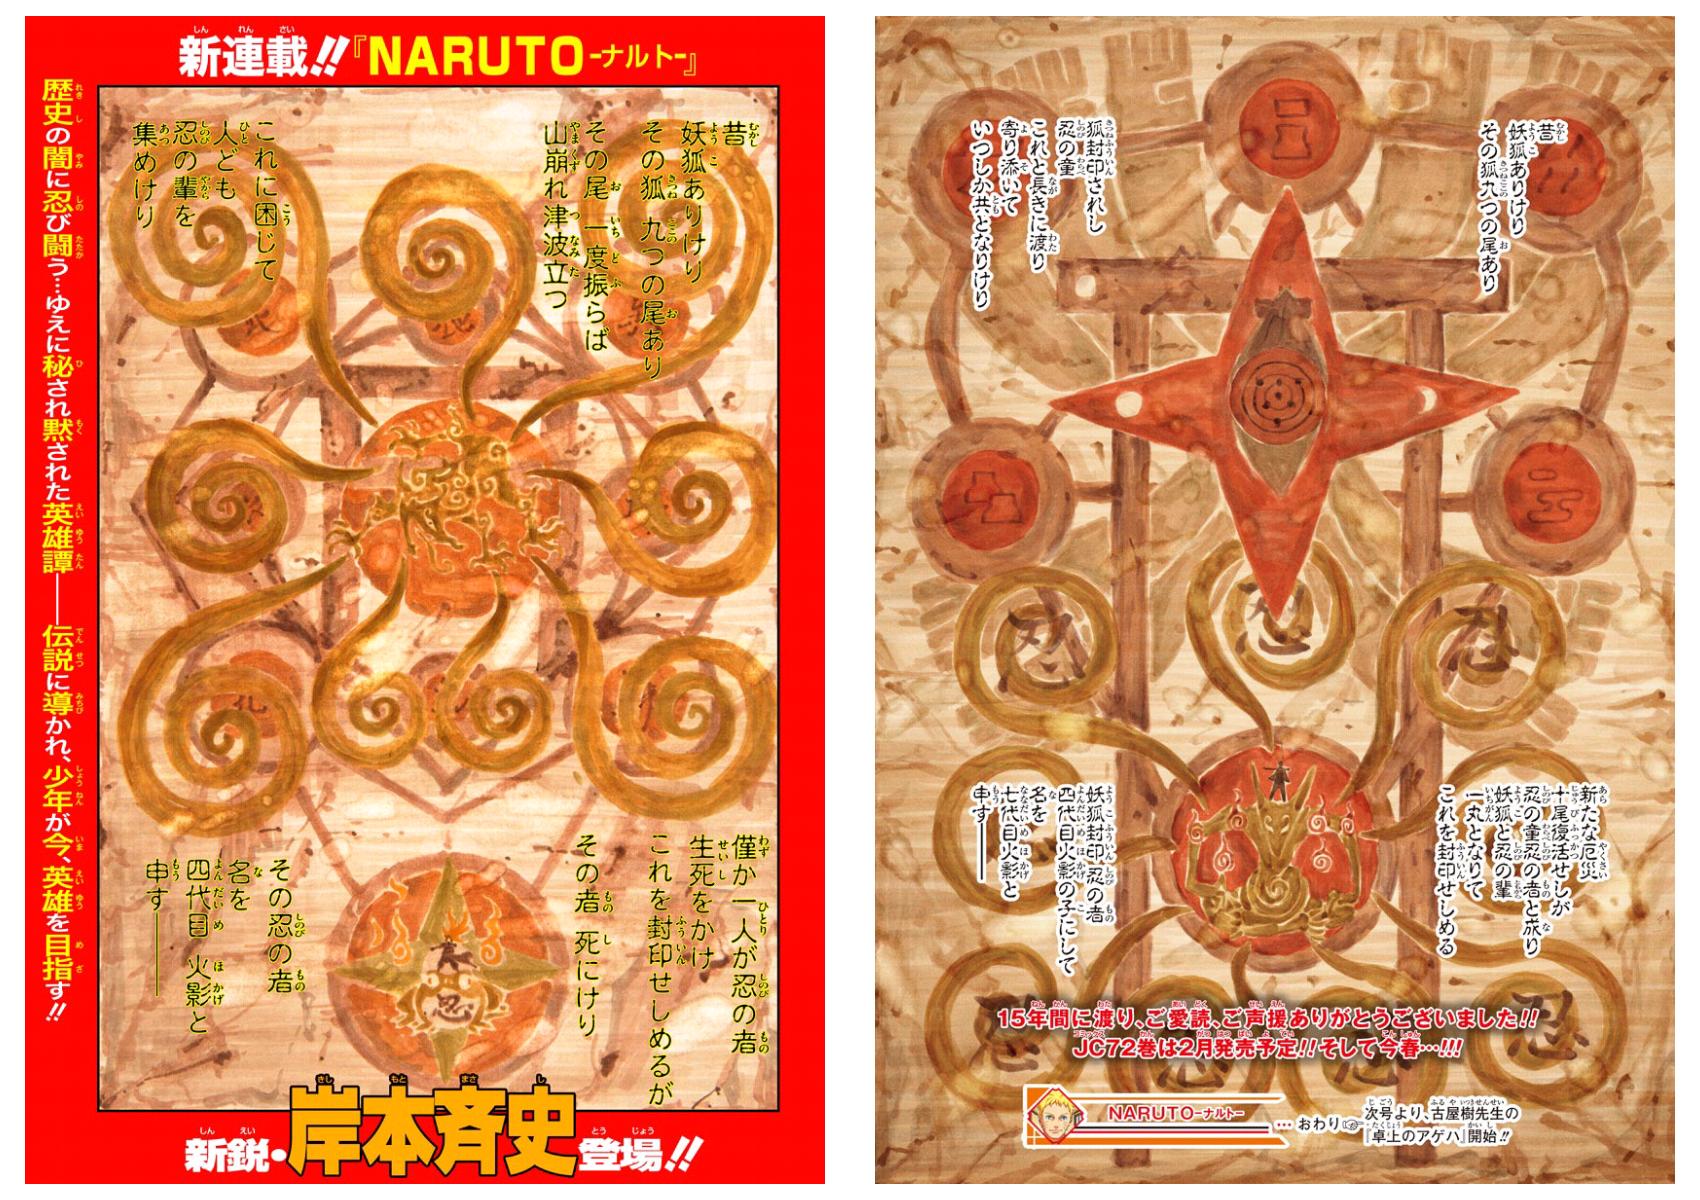 Imagen - Primera y Última página del Manga Naruto.png | Naruto Wiki ...